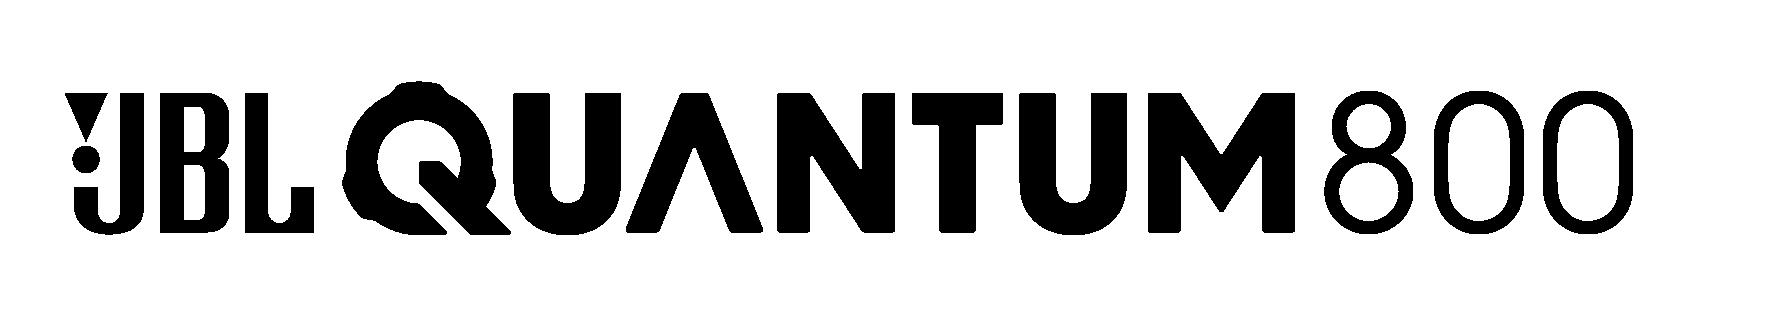 Quantum 800